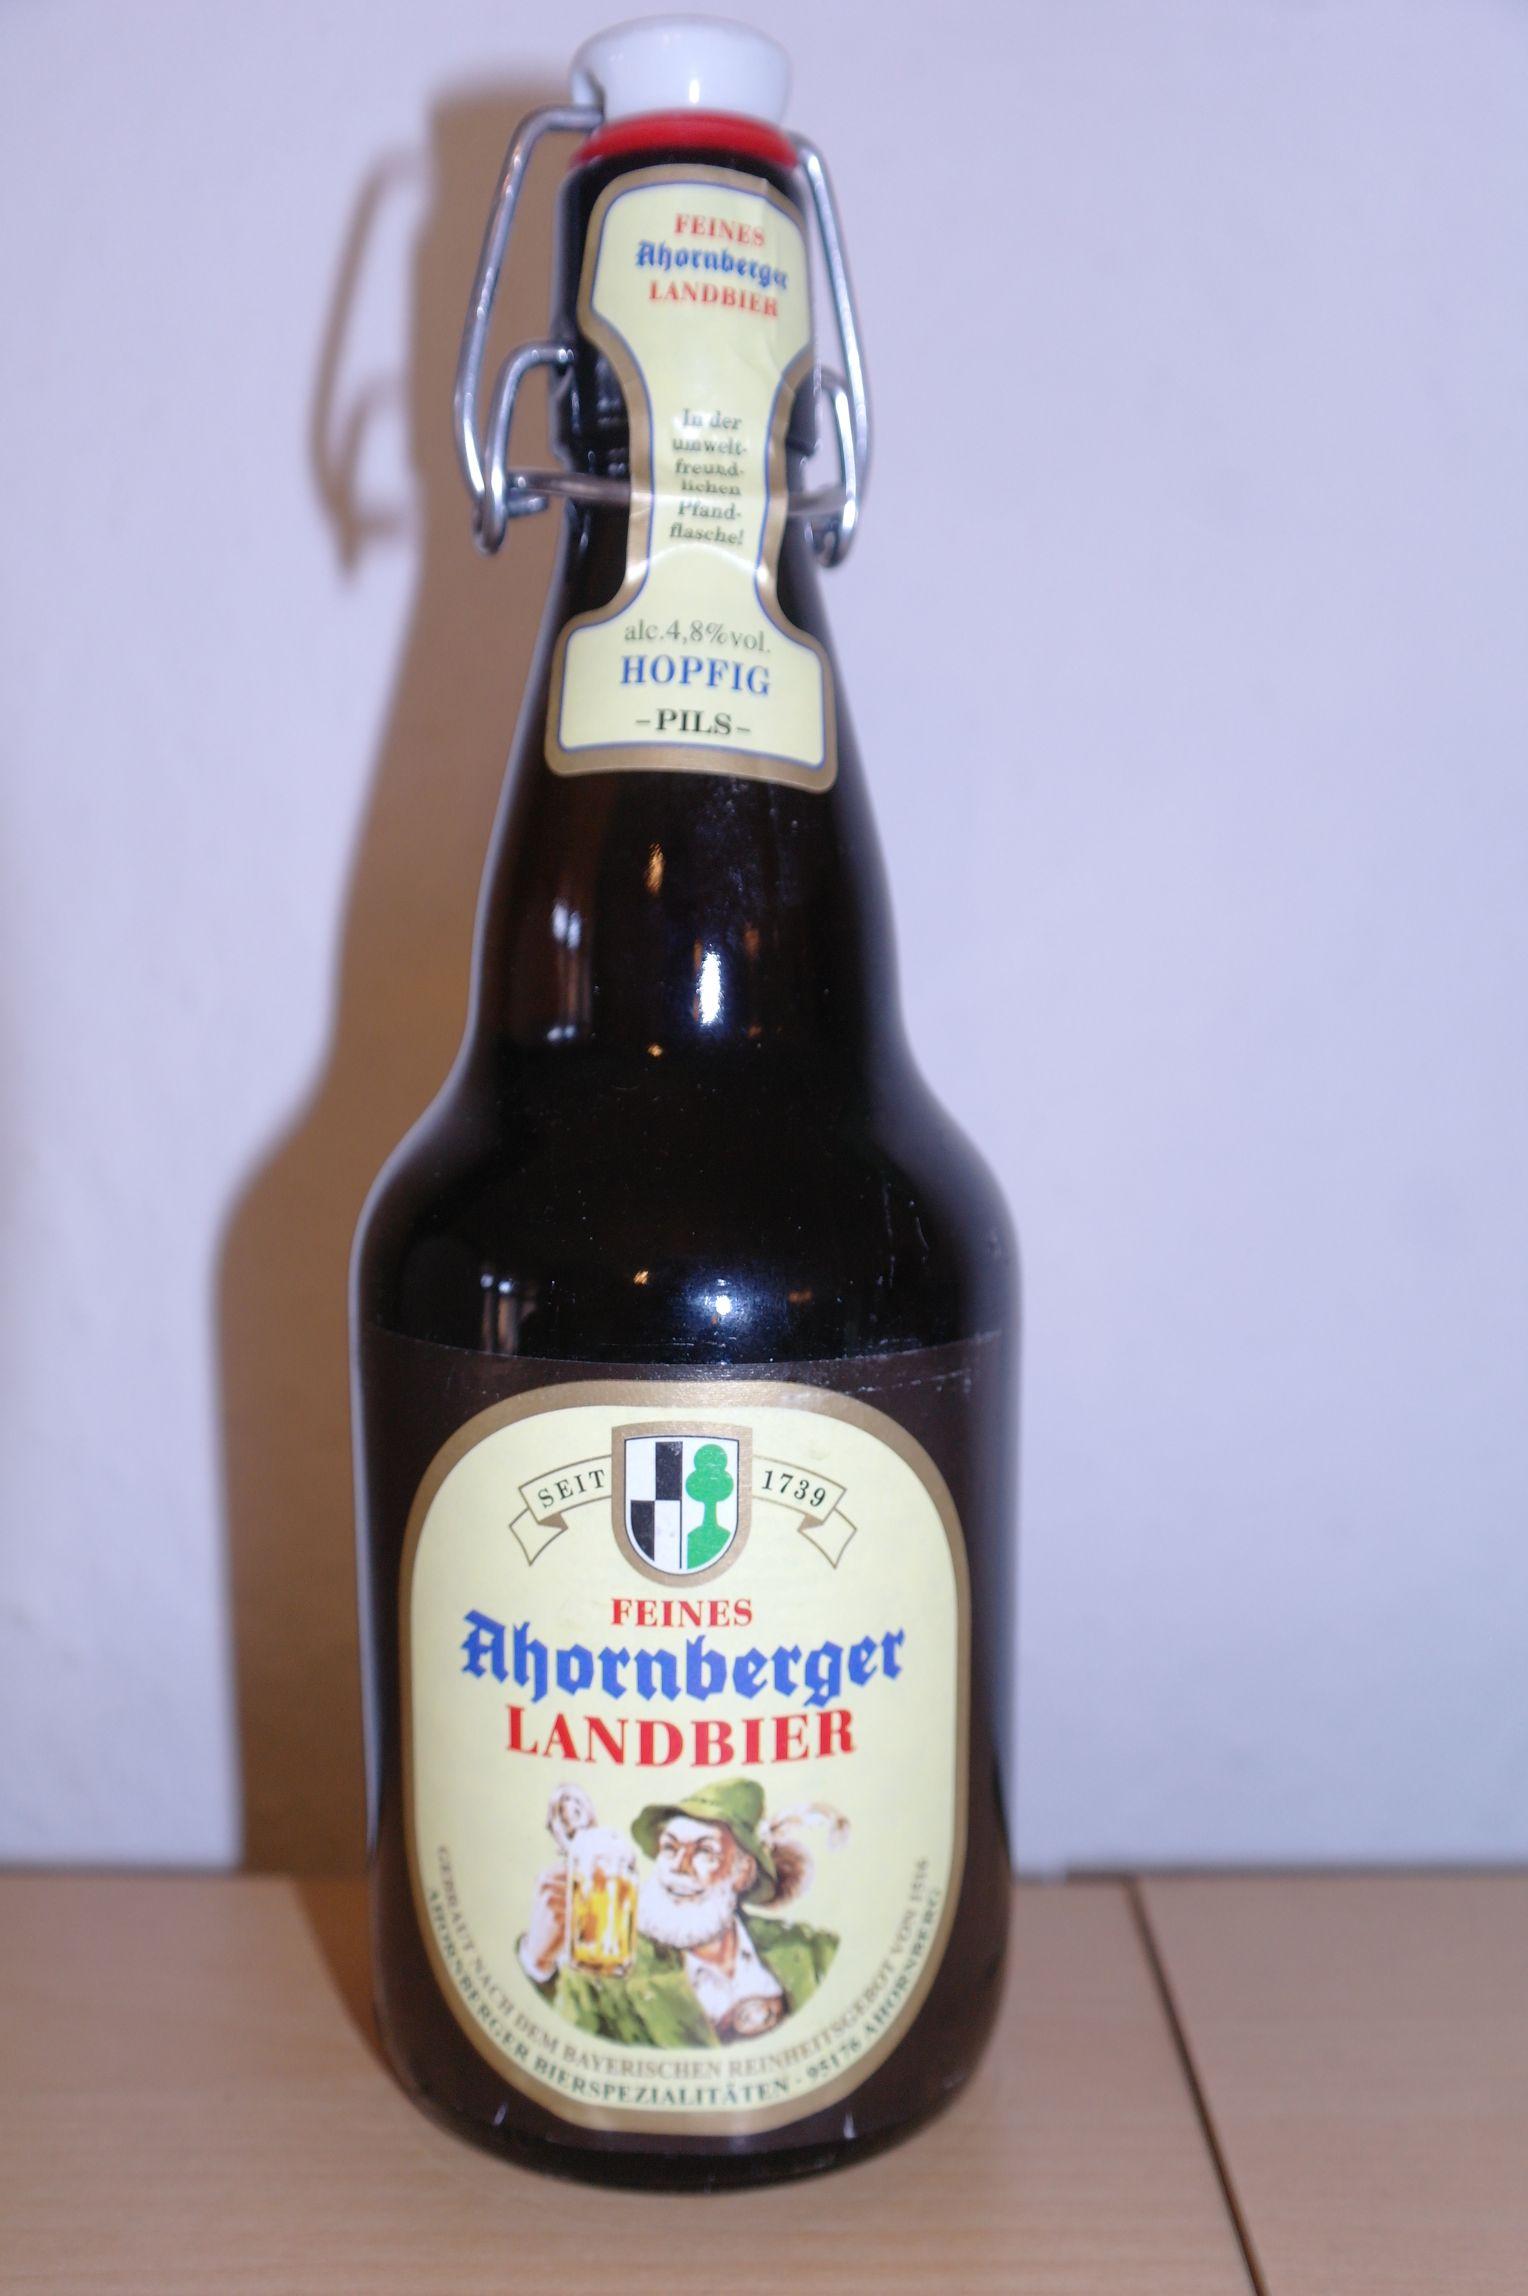 die-bier-tester.de/wp-content/uploads/ahornberger_...